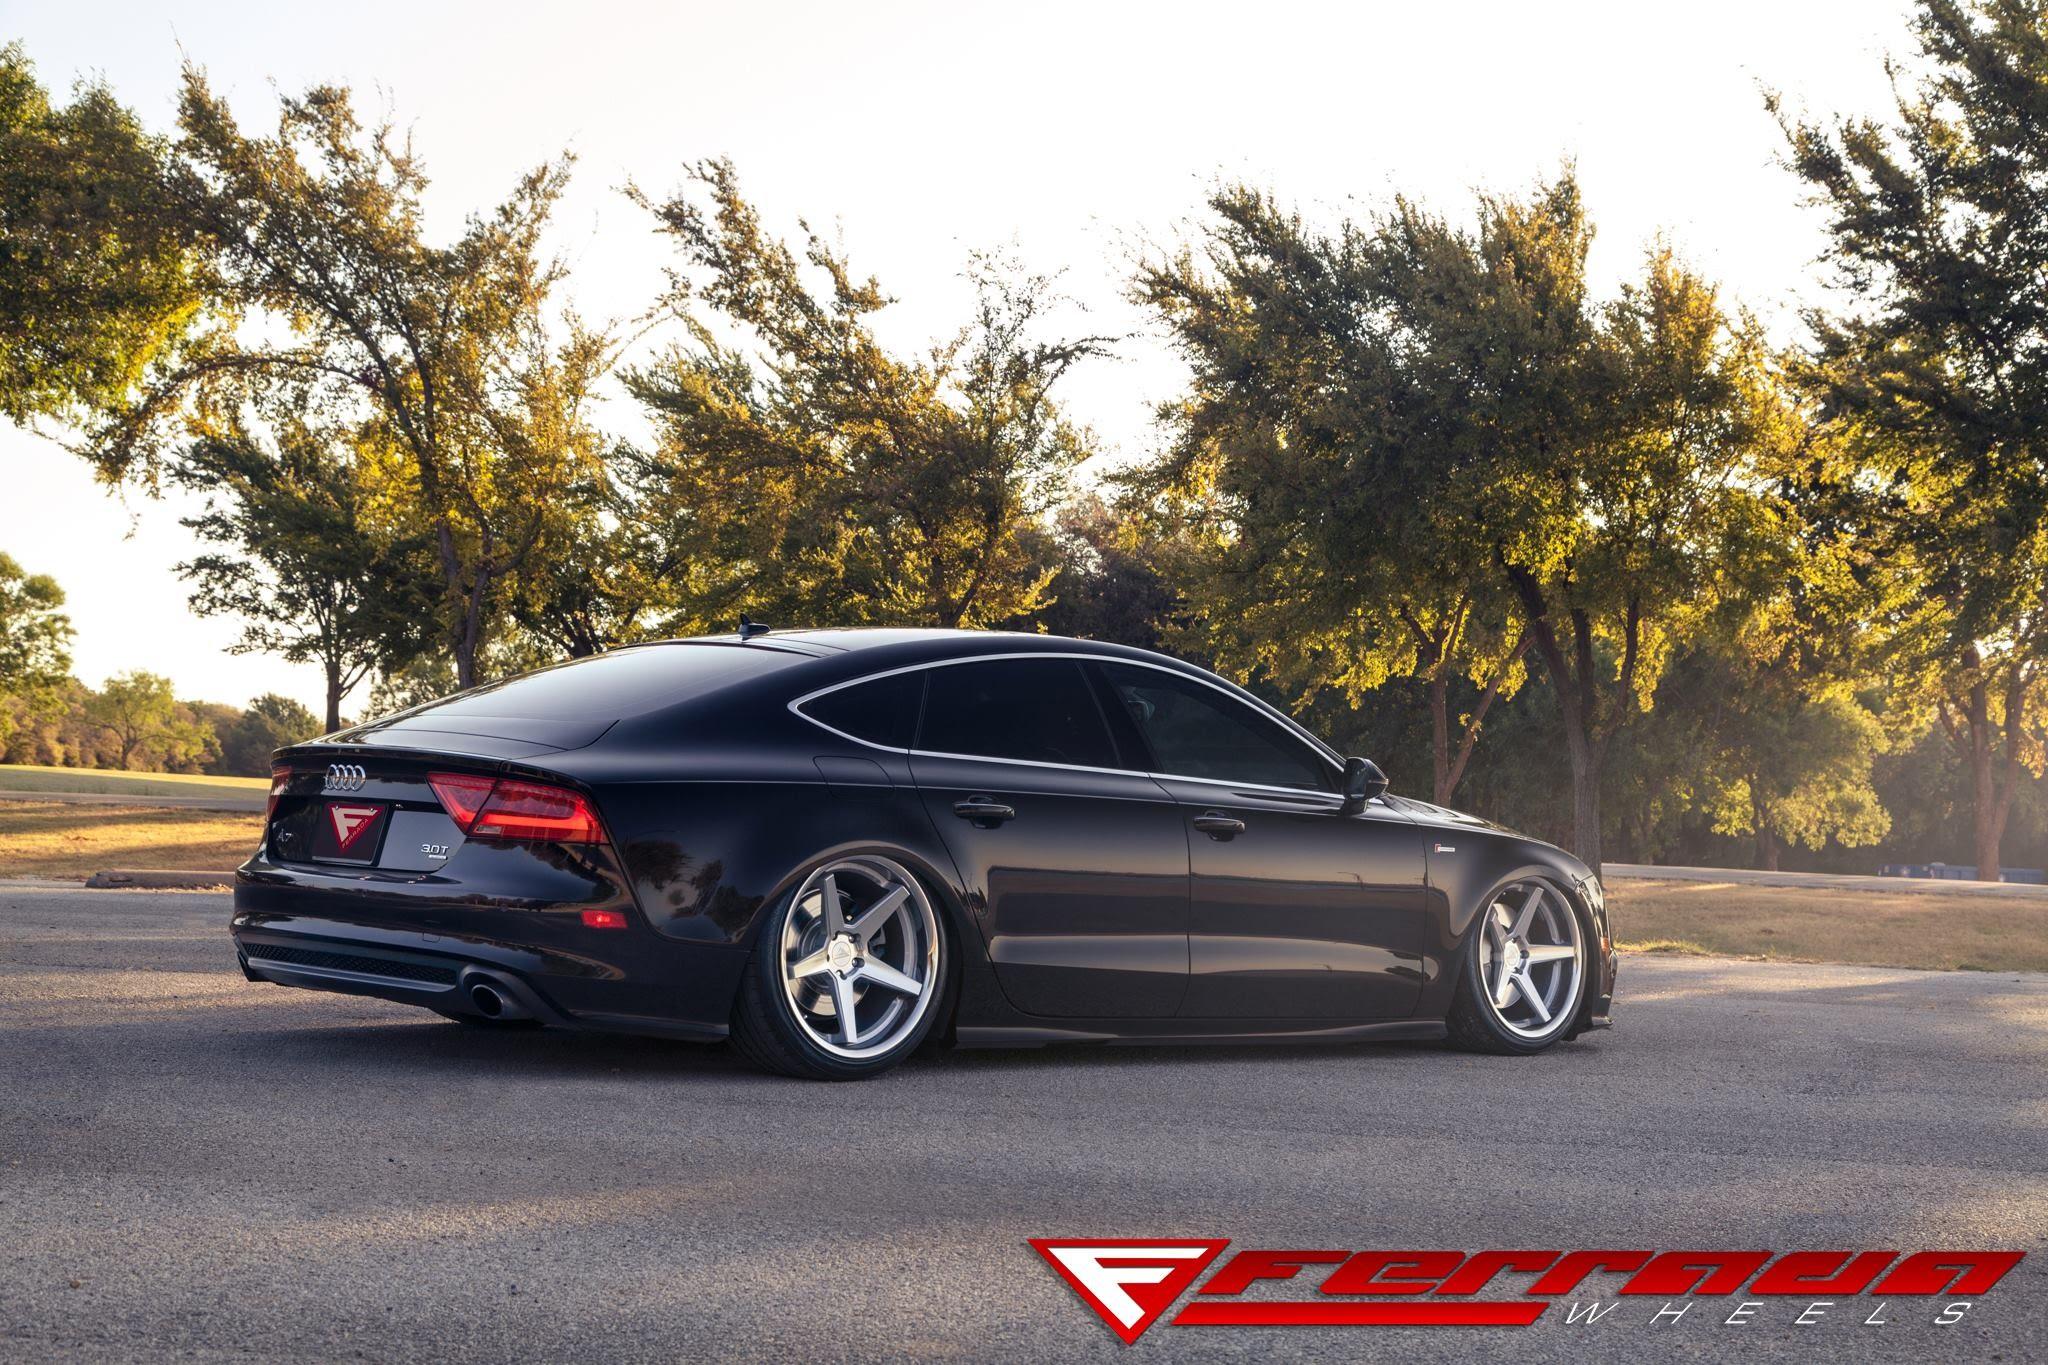 Ferrada Wheels Fr3 On 2014 Audi A7 Damnedwerk